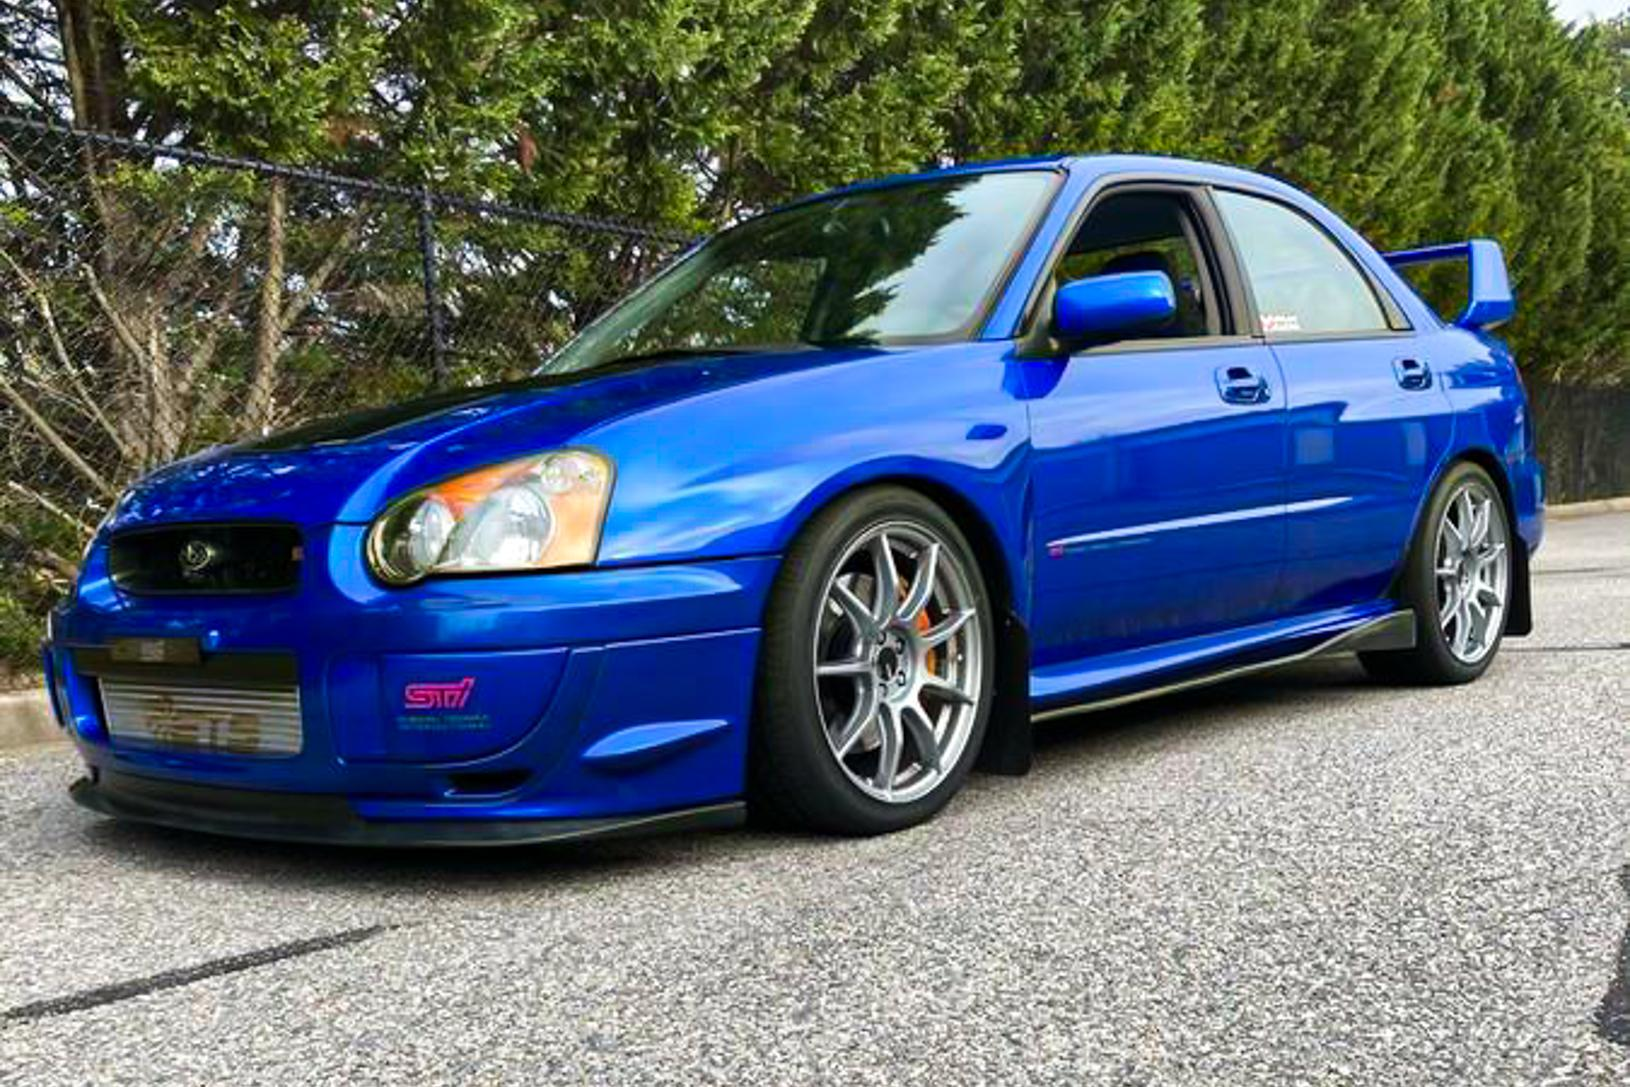 2004 Subaru STi